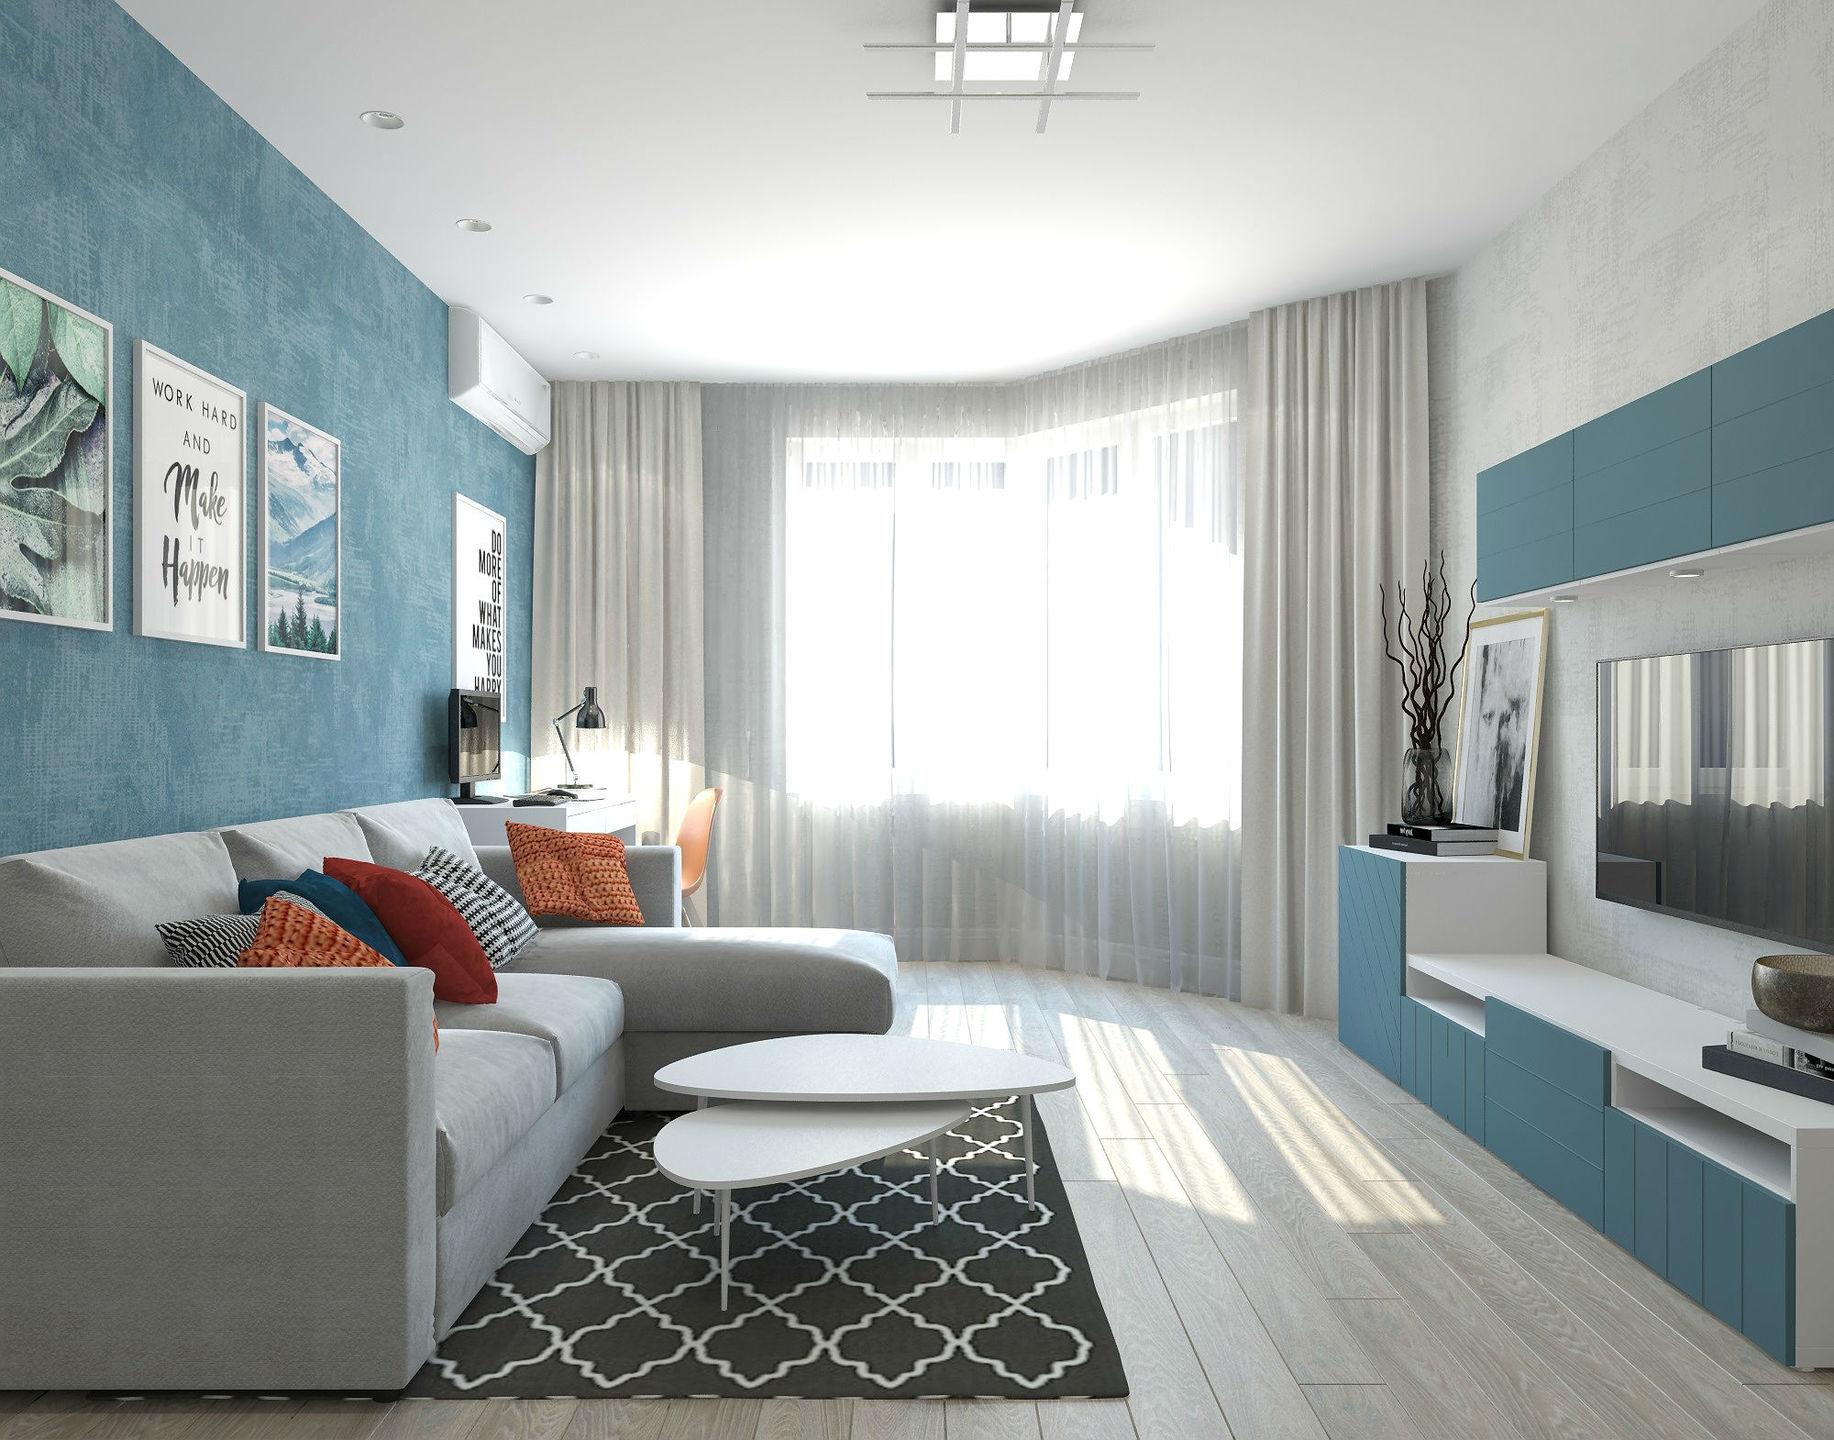 Простой дизайн двухкомнатной квартиры фото